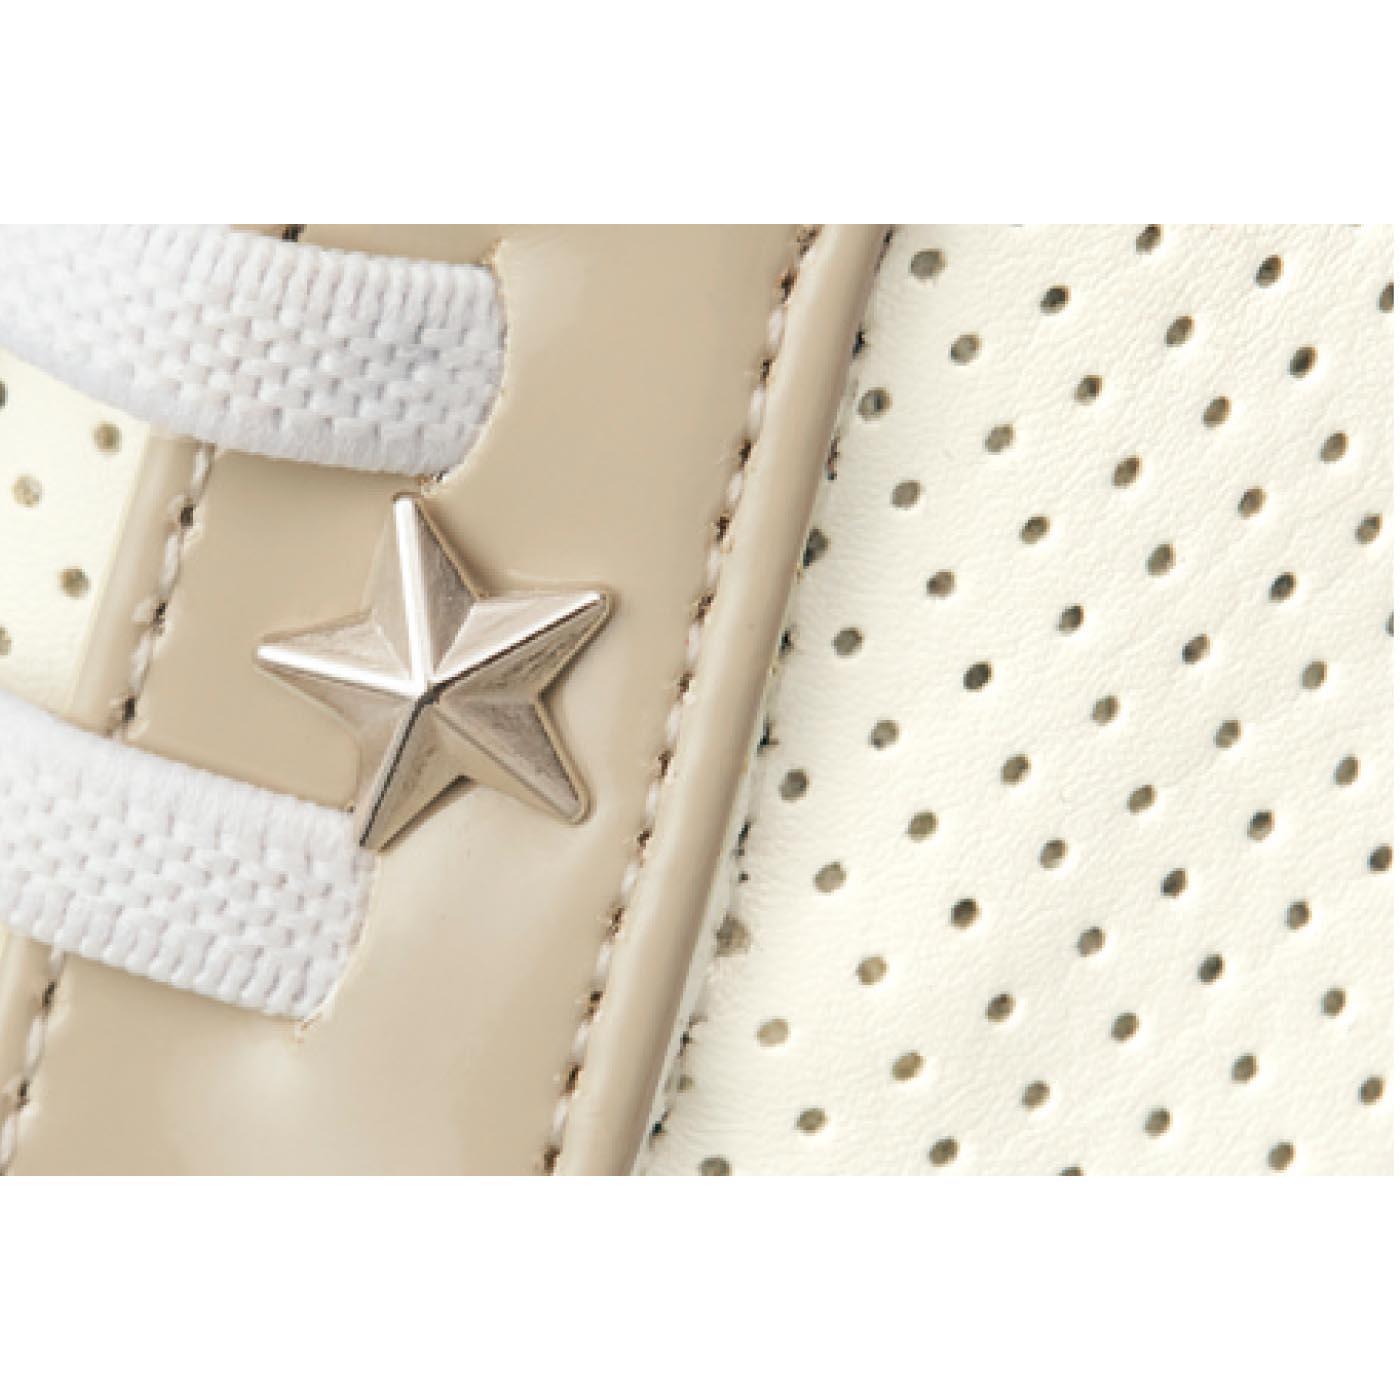 [ブラック・ホワイト共通]軽くてお手入れしやすい合成皮革のパンチング素材。通気性がよく、むれにくいので快適!